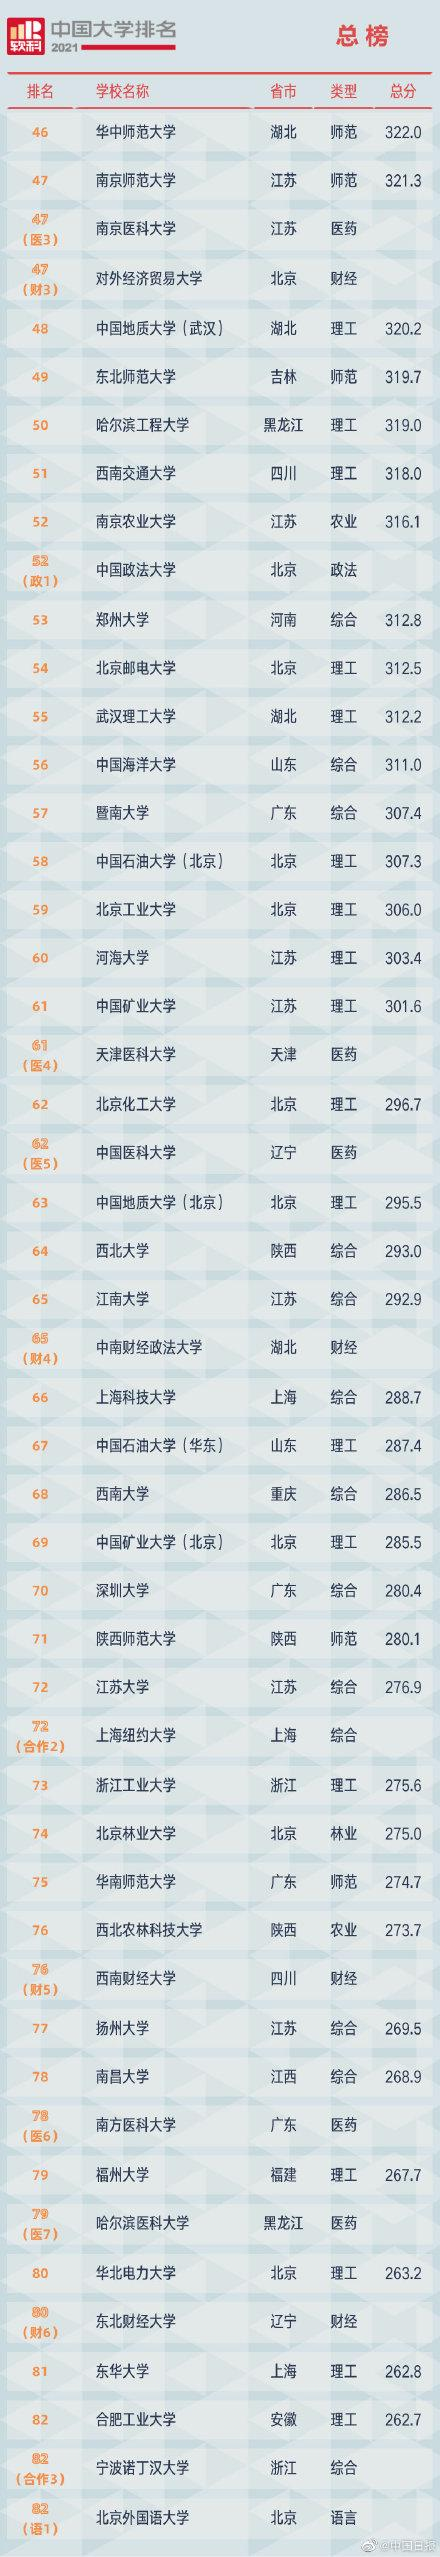 2021软科中国大学排名发布 全球新闻风头榜 第2张